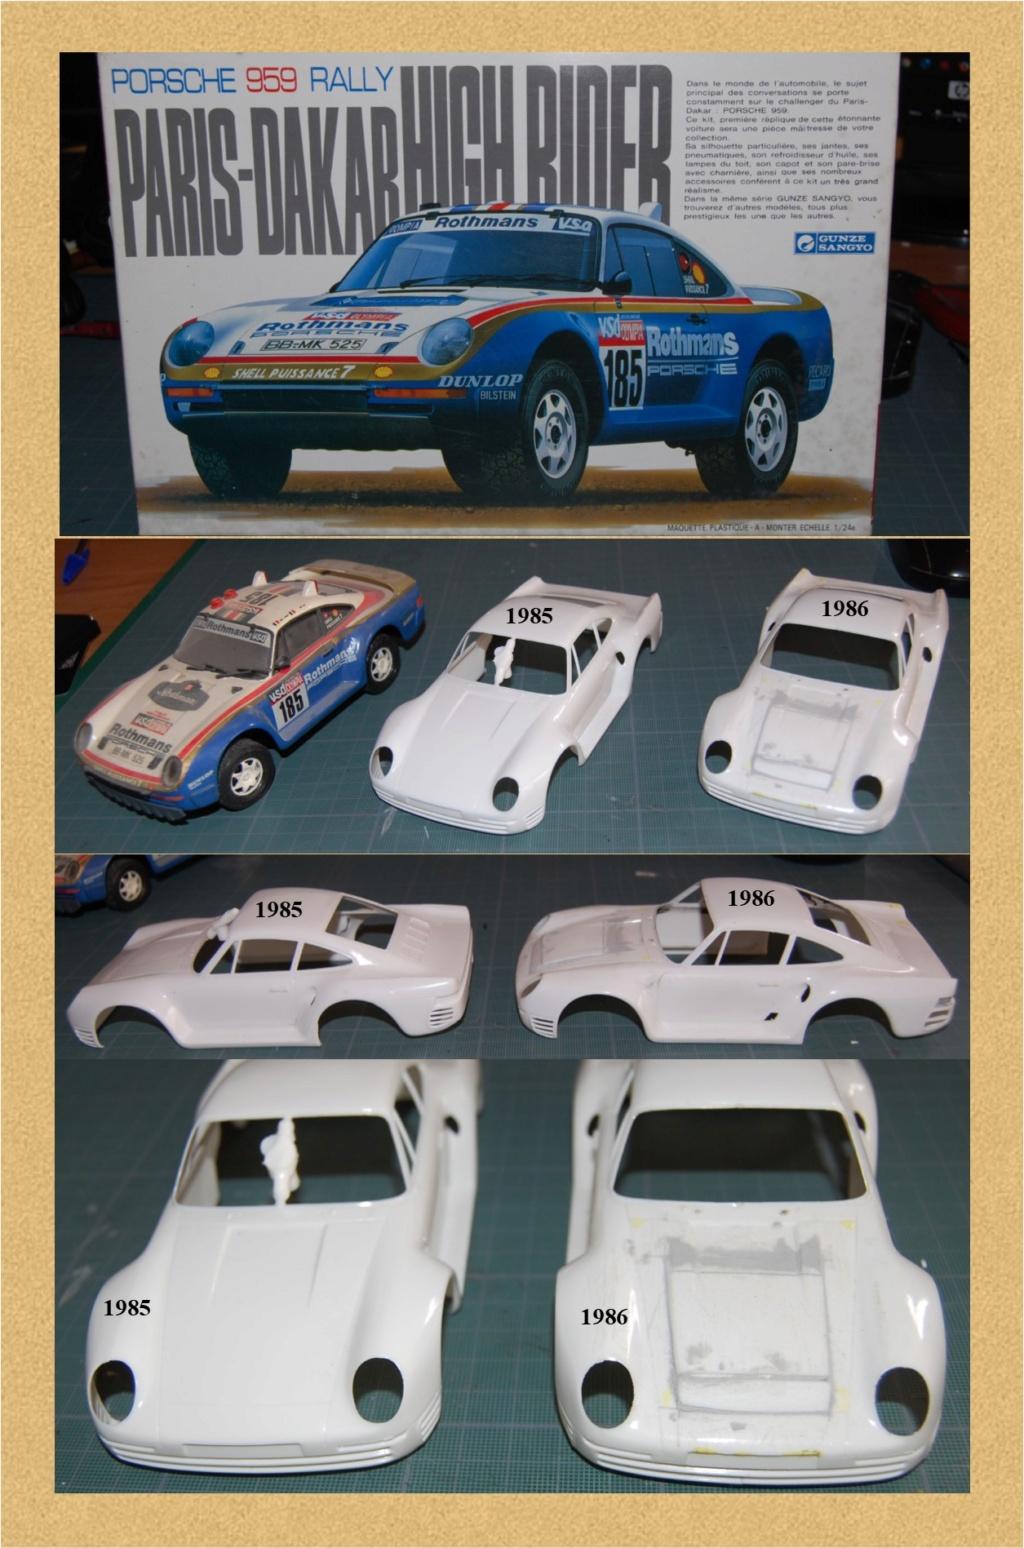 Porsche 959 Paris Dakar 1985 & 1986 Image124